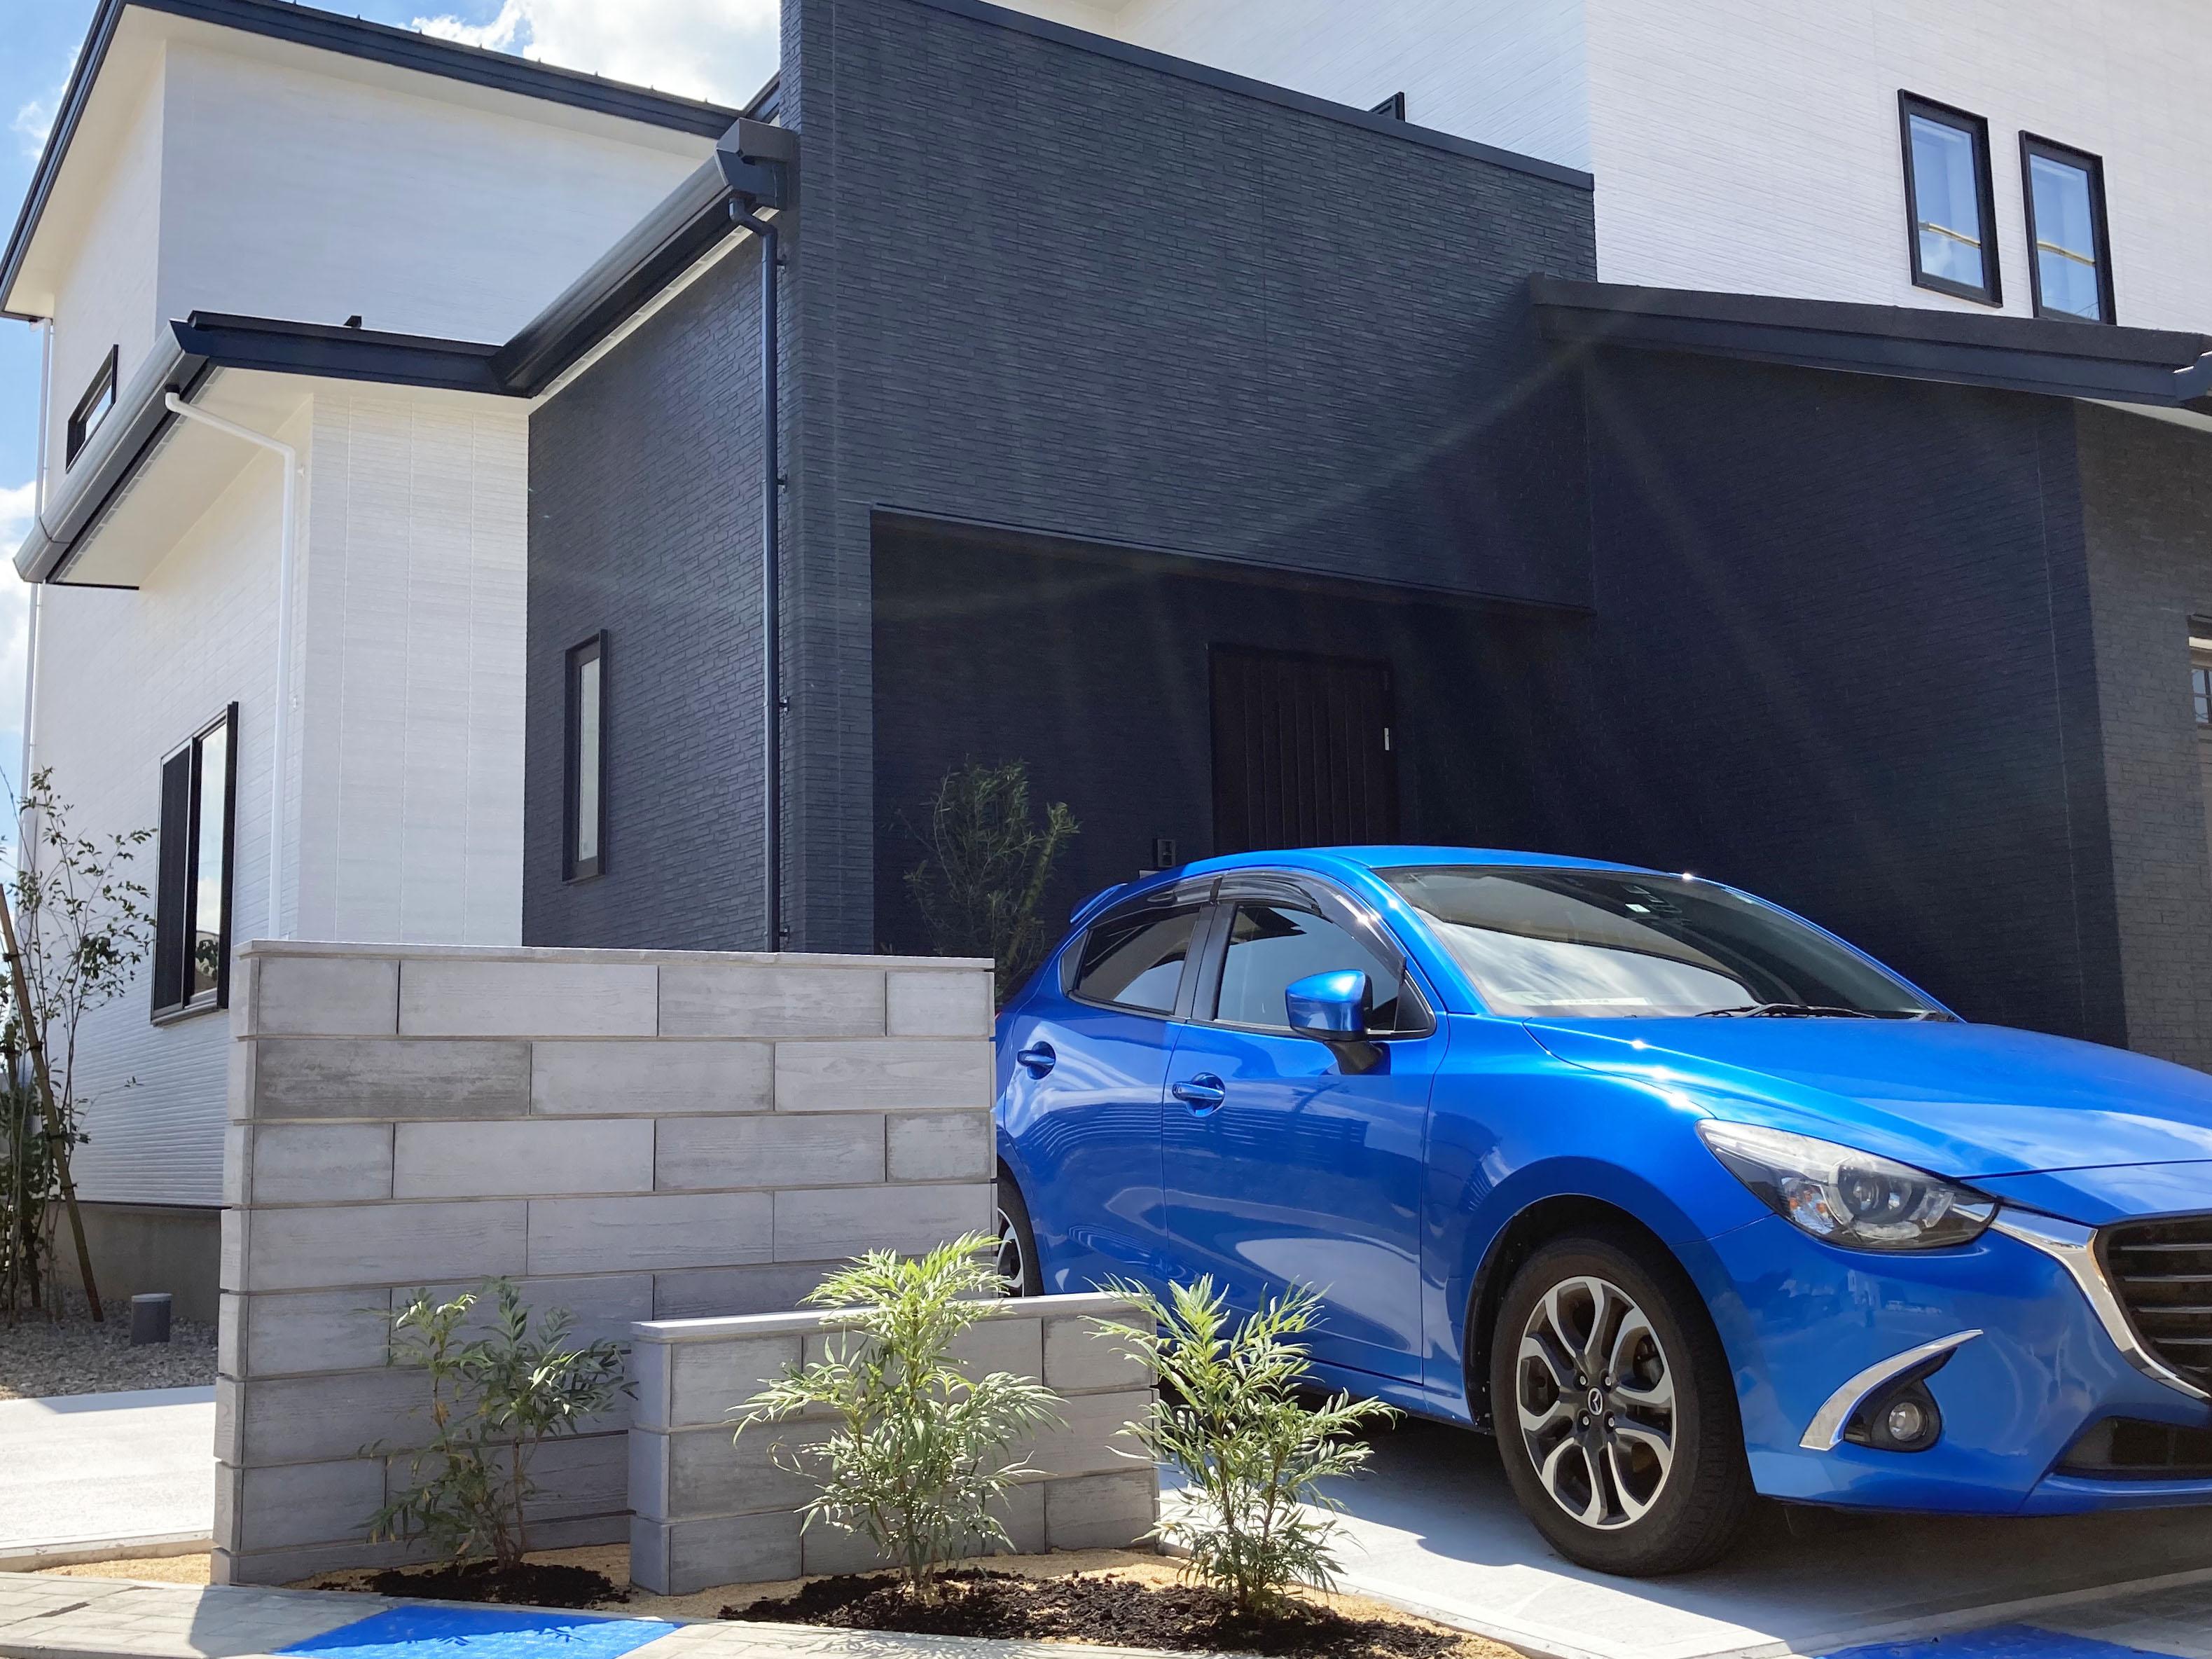 新築外構工事 お車が映える玄関モニュメントのある外構ご提案しました。